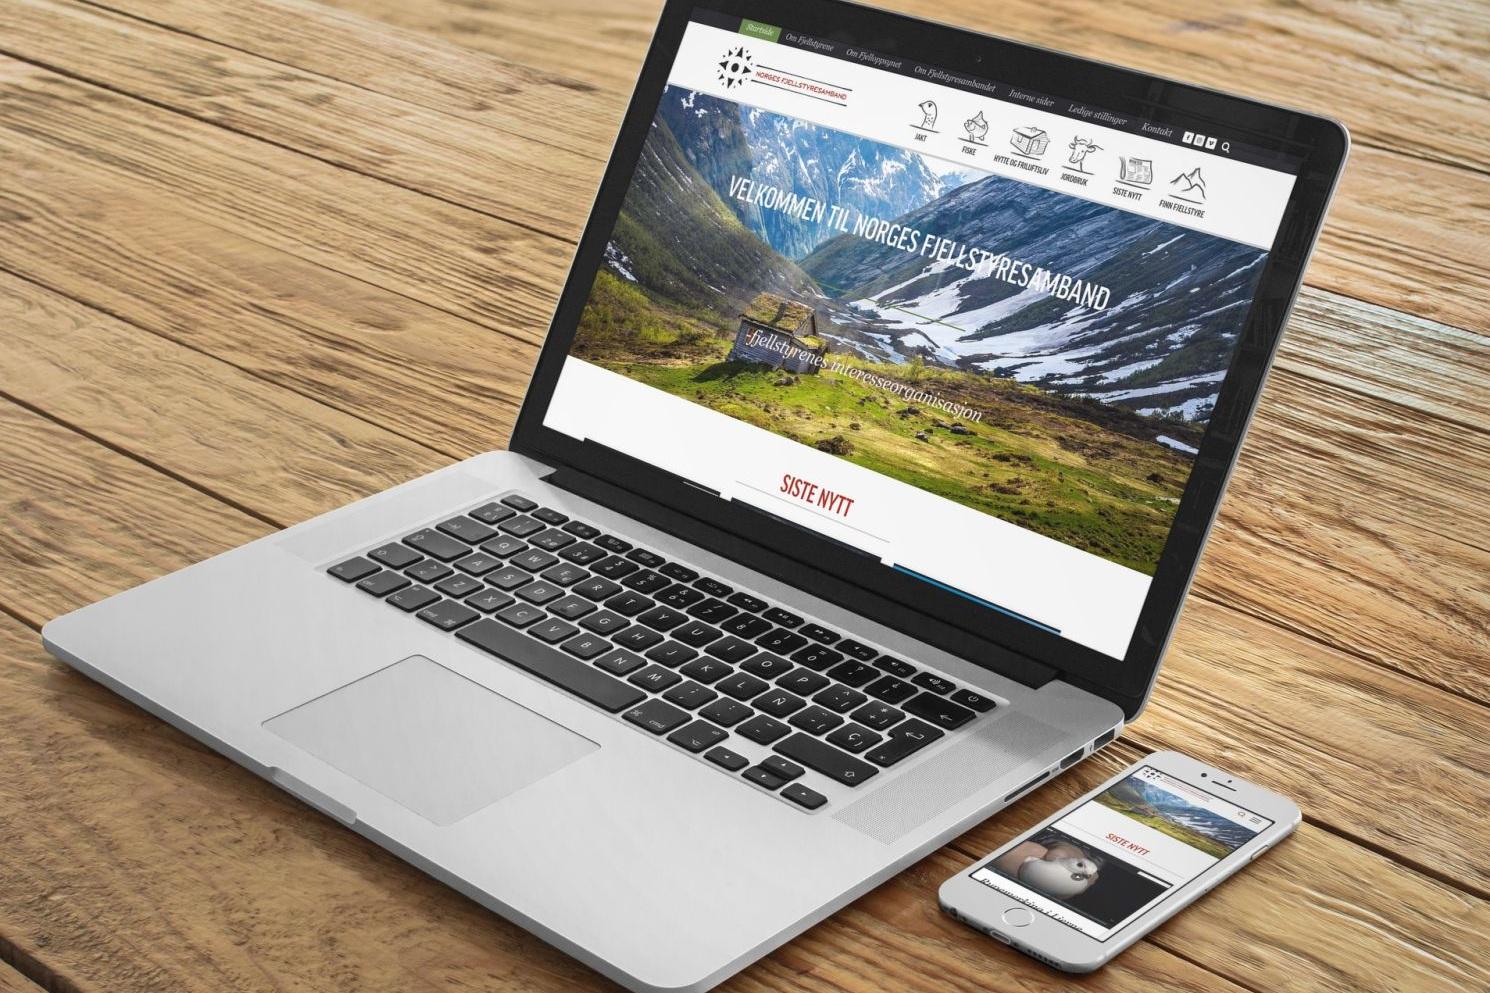 Nettside, intranett og nettbutikk - Prosjektet starta ved at vi utvikla nettside for Norges Fjellstyresamband. Eit enkelt intranett vart også utvikla i tillegg til at vi tok i bruk Squarespace eCommerce til nettbutikk, der tilsette i fjellstyra kan kjøpe bekledning.